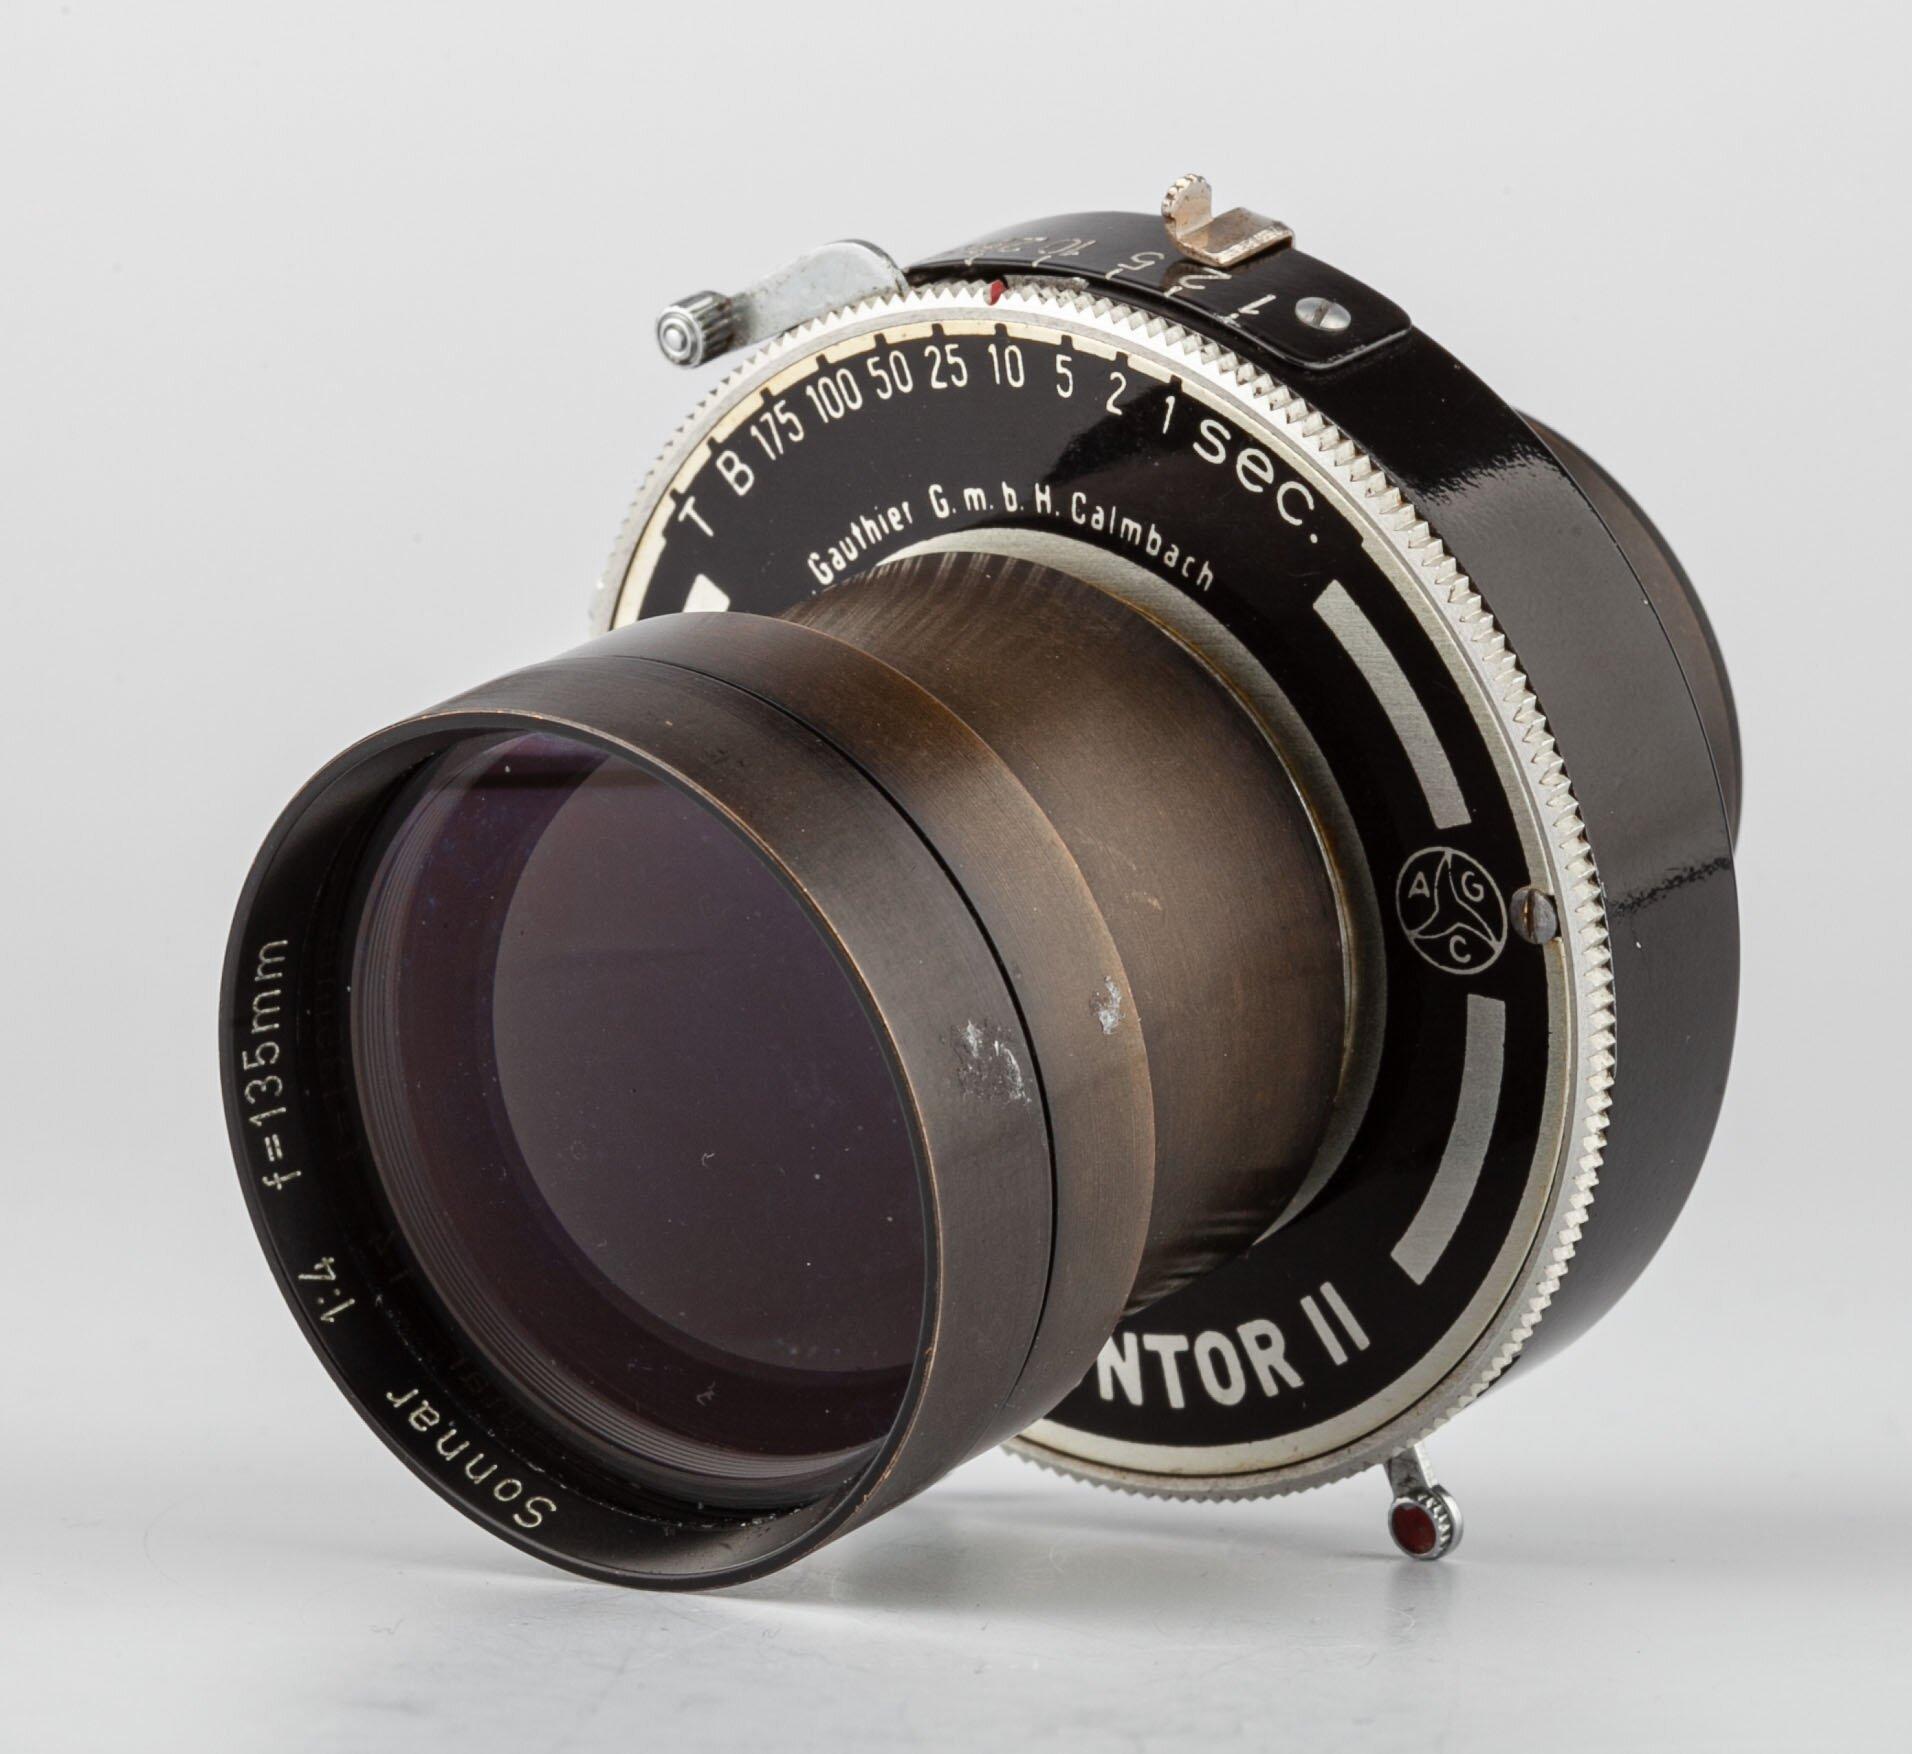 Carl Zeiss Sonnar 4/135mm+Prontor II Verschluss